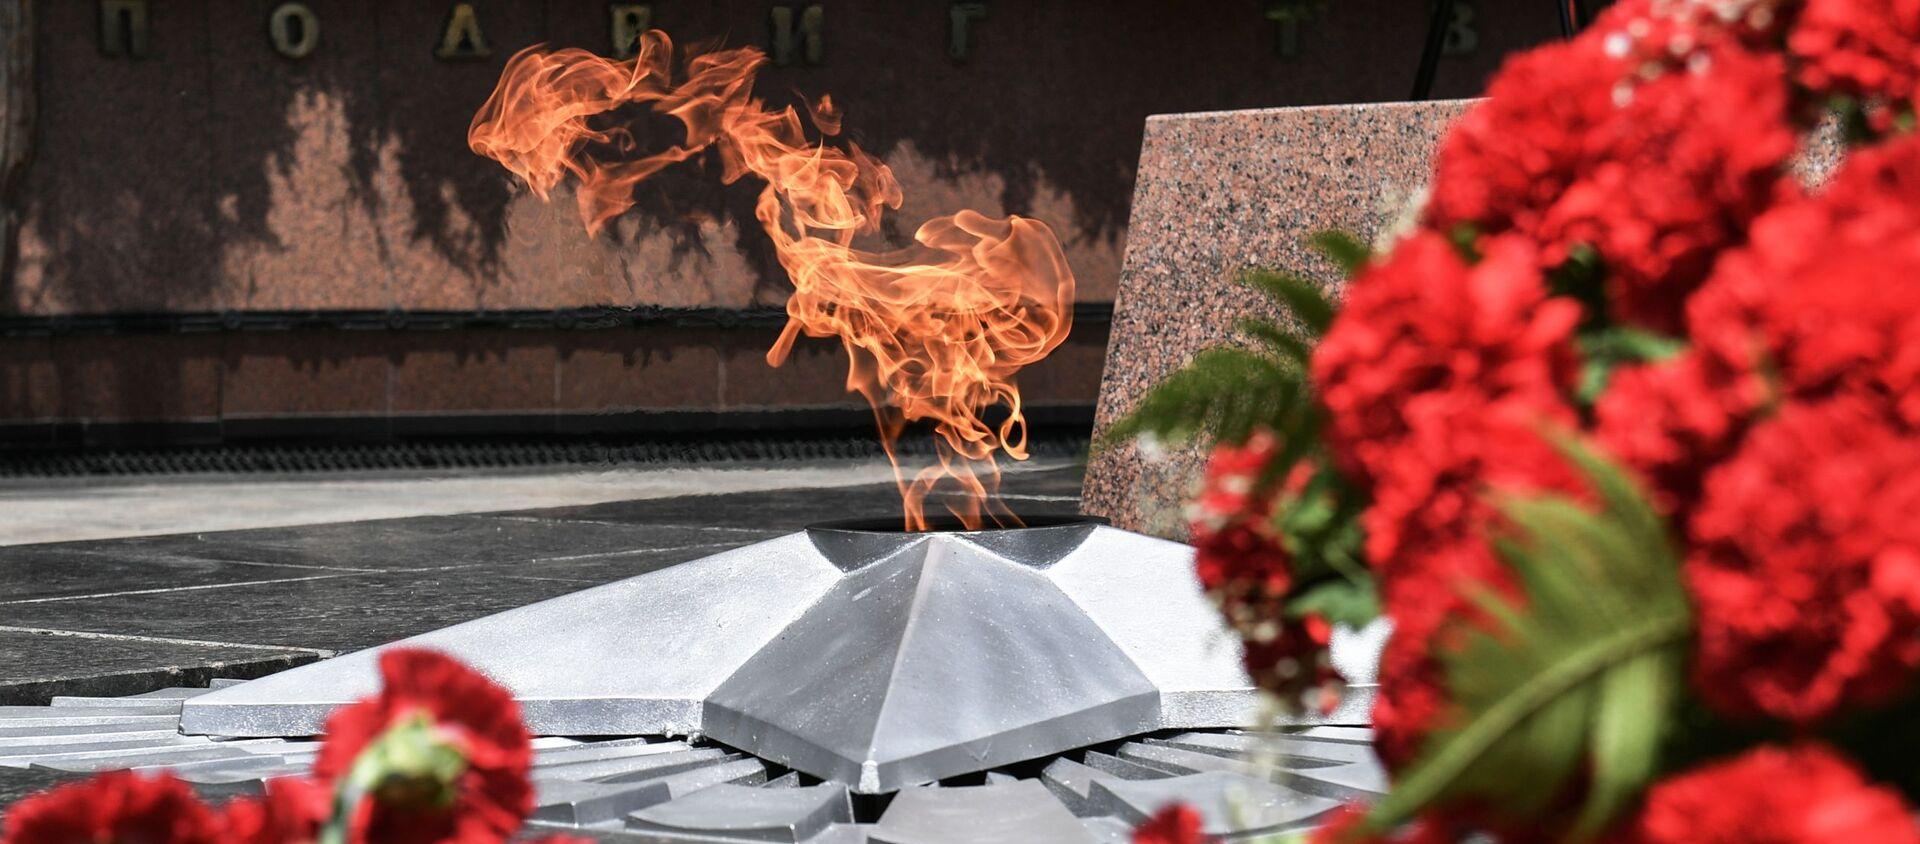 უცნობი ჯარისკაცის საფლავი - Sputnik საქართველო, 1920, 22.06.2021